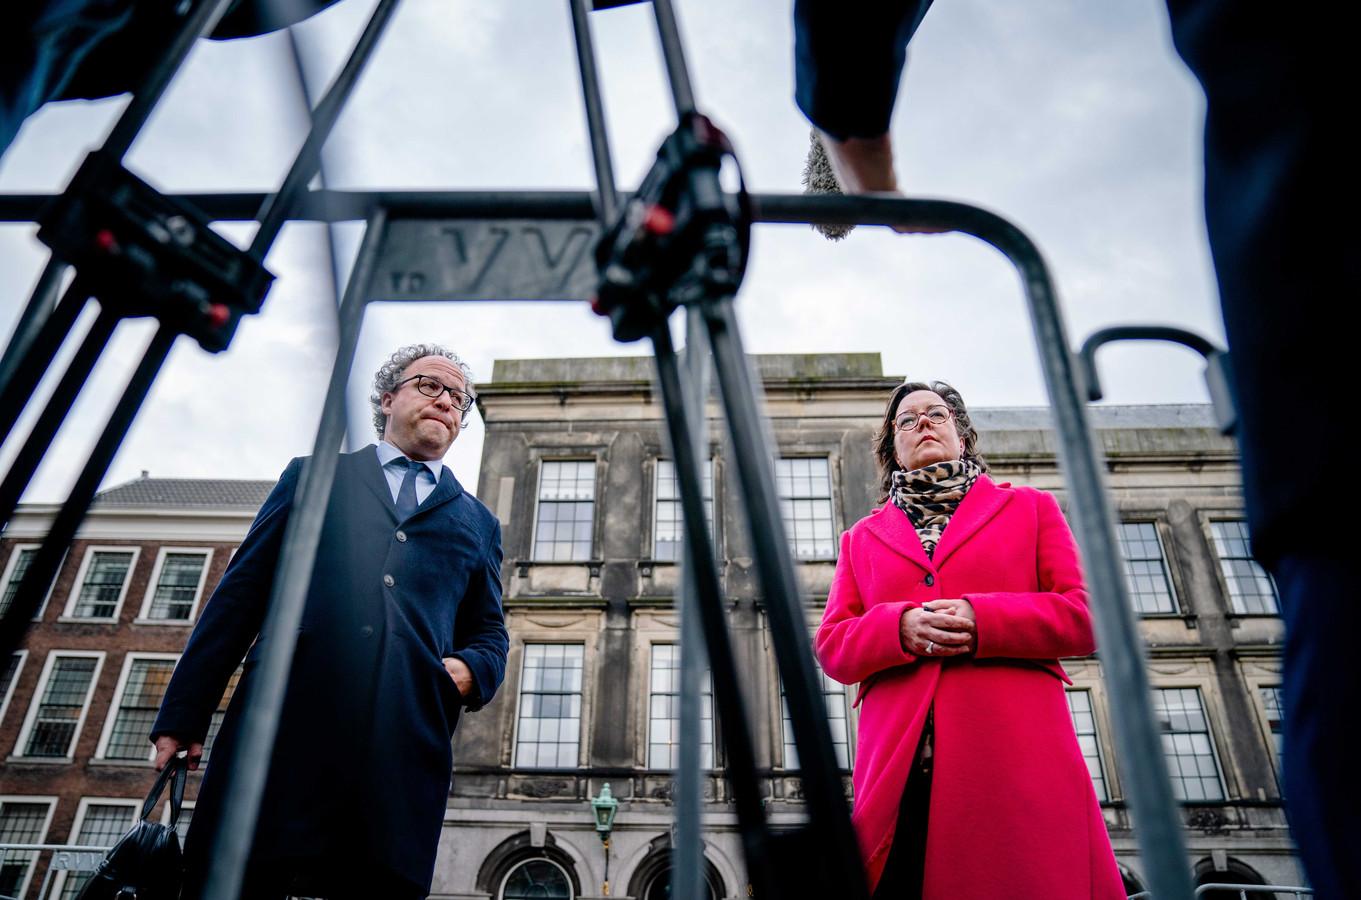 De nieuwe verkenners Tamara van Ark (VVD) en Wouter Koolmees (D66) staan de pers te woord op het Binnenhof.